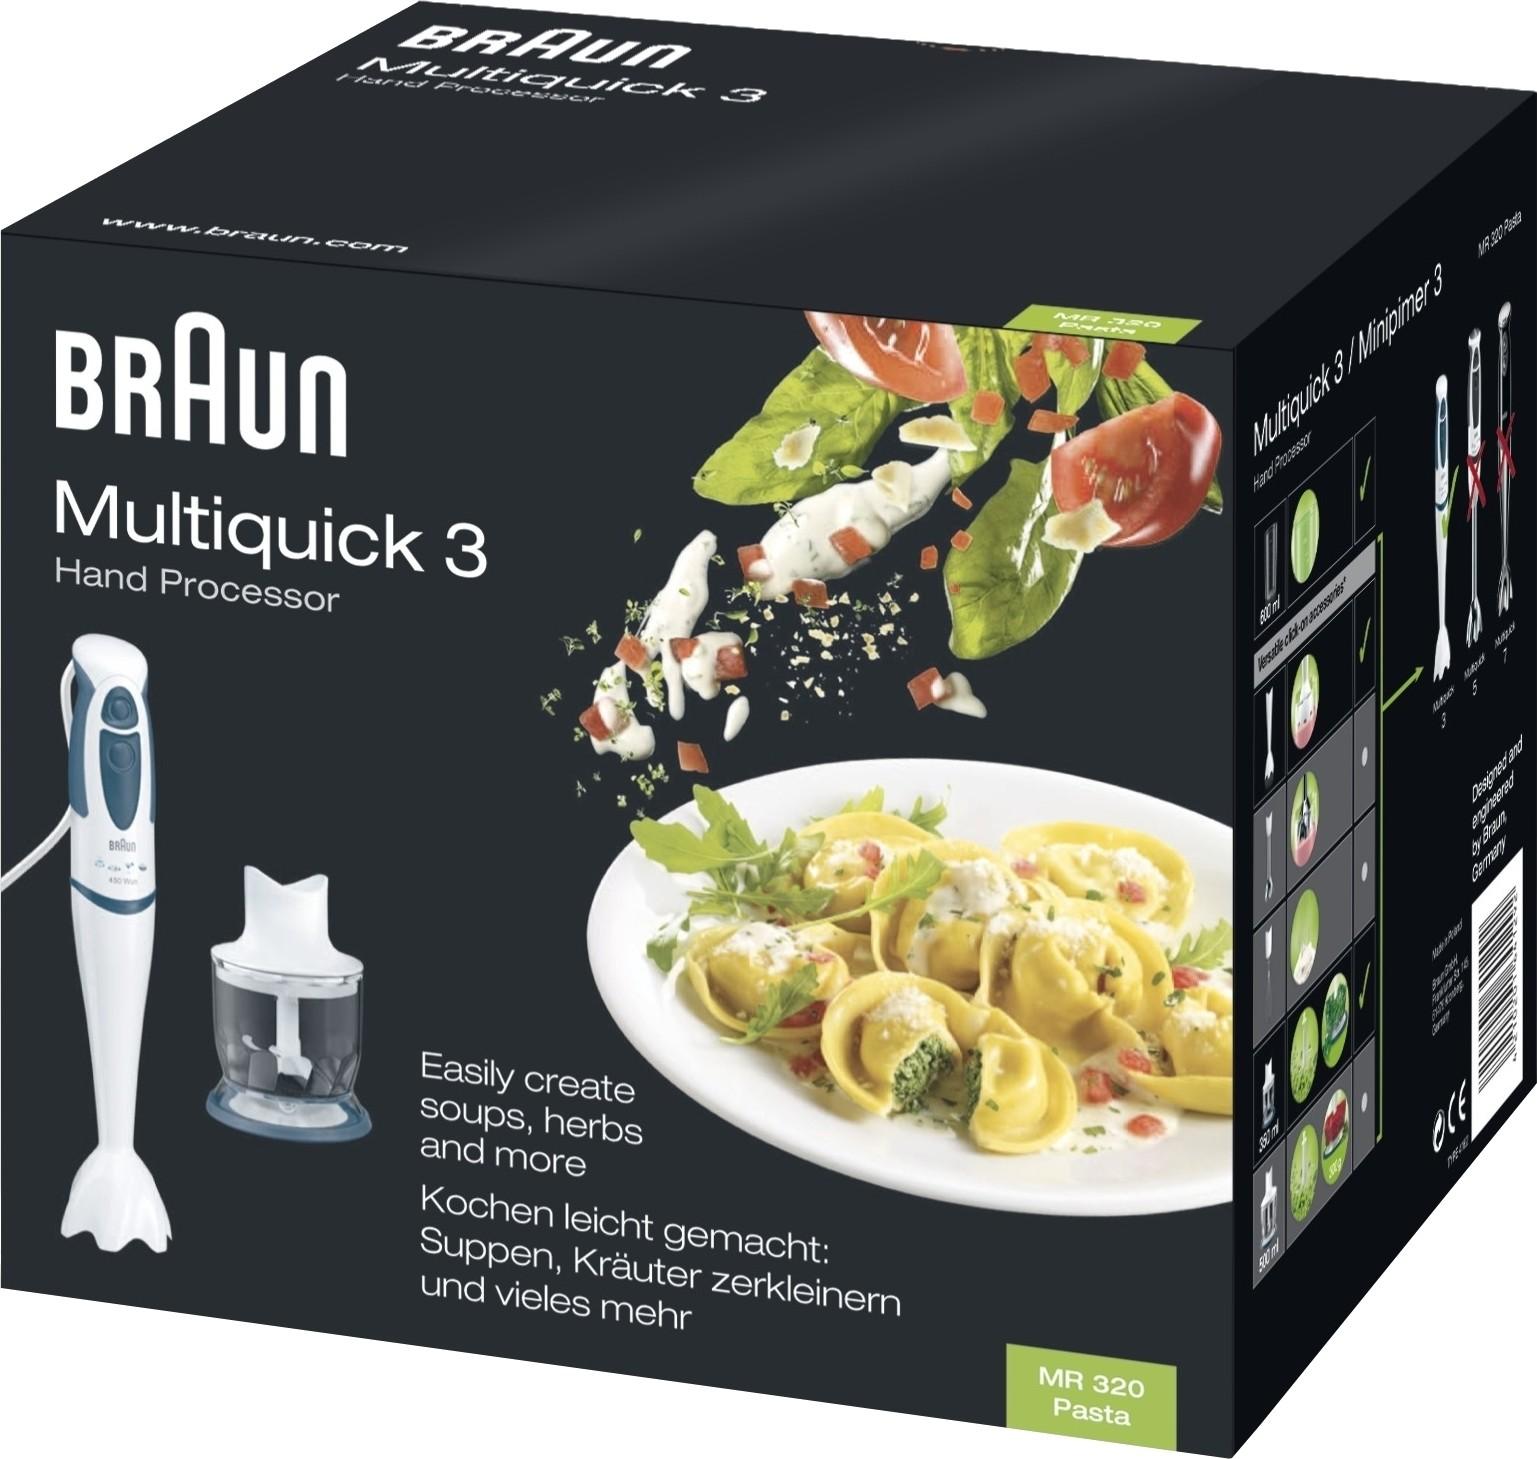 Braun MR320 450 W Hand Blender